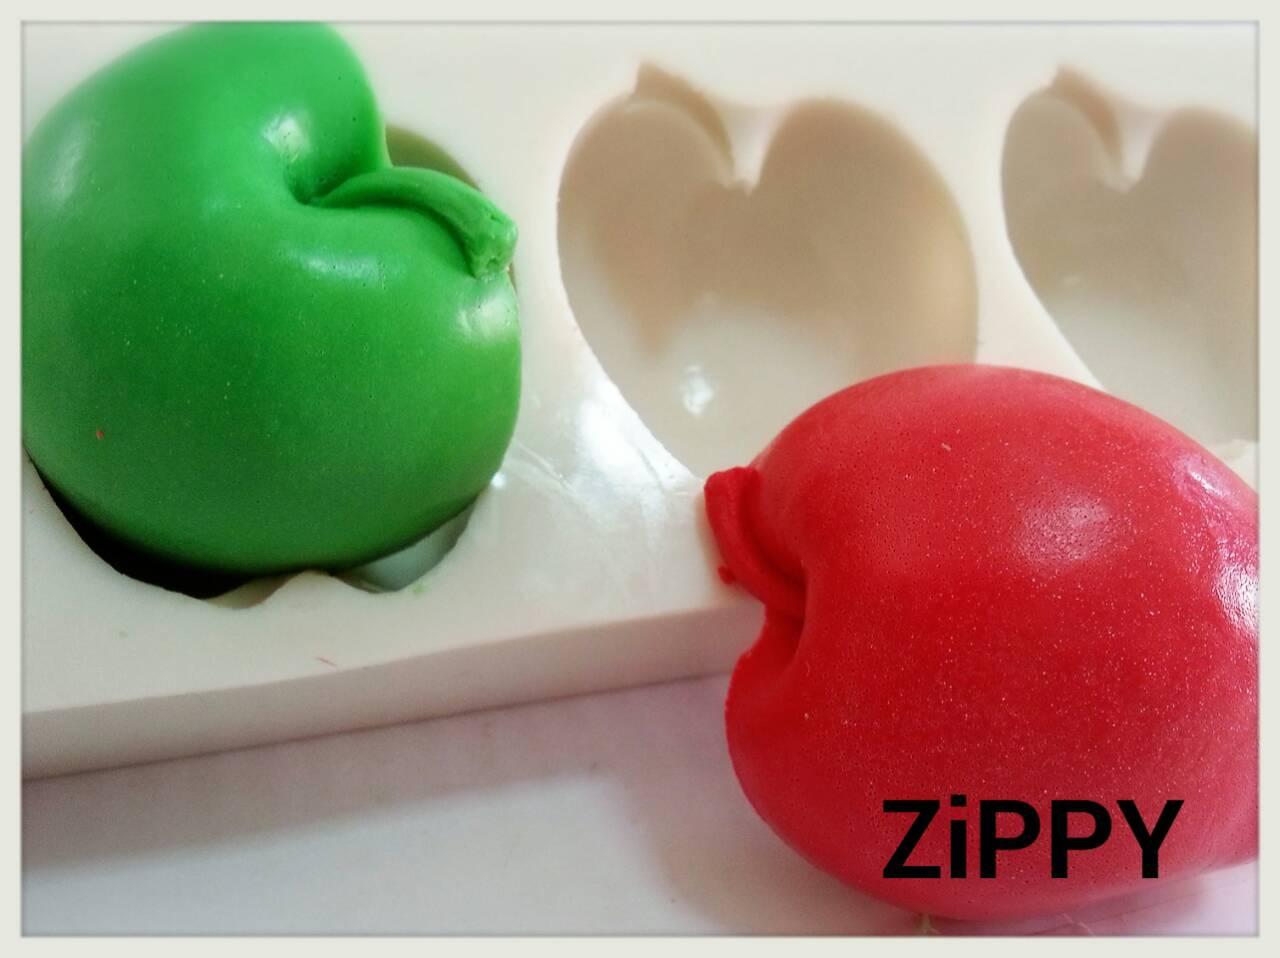 แม่พิมพ์ซิลิโคน แอ๊ปเปิ้ล apple 5 ช่อง 100g